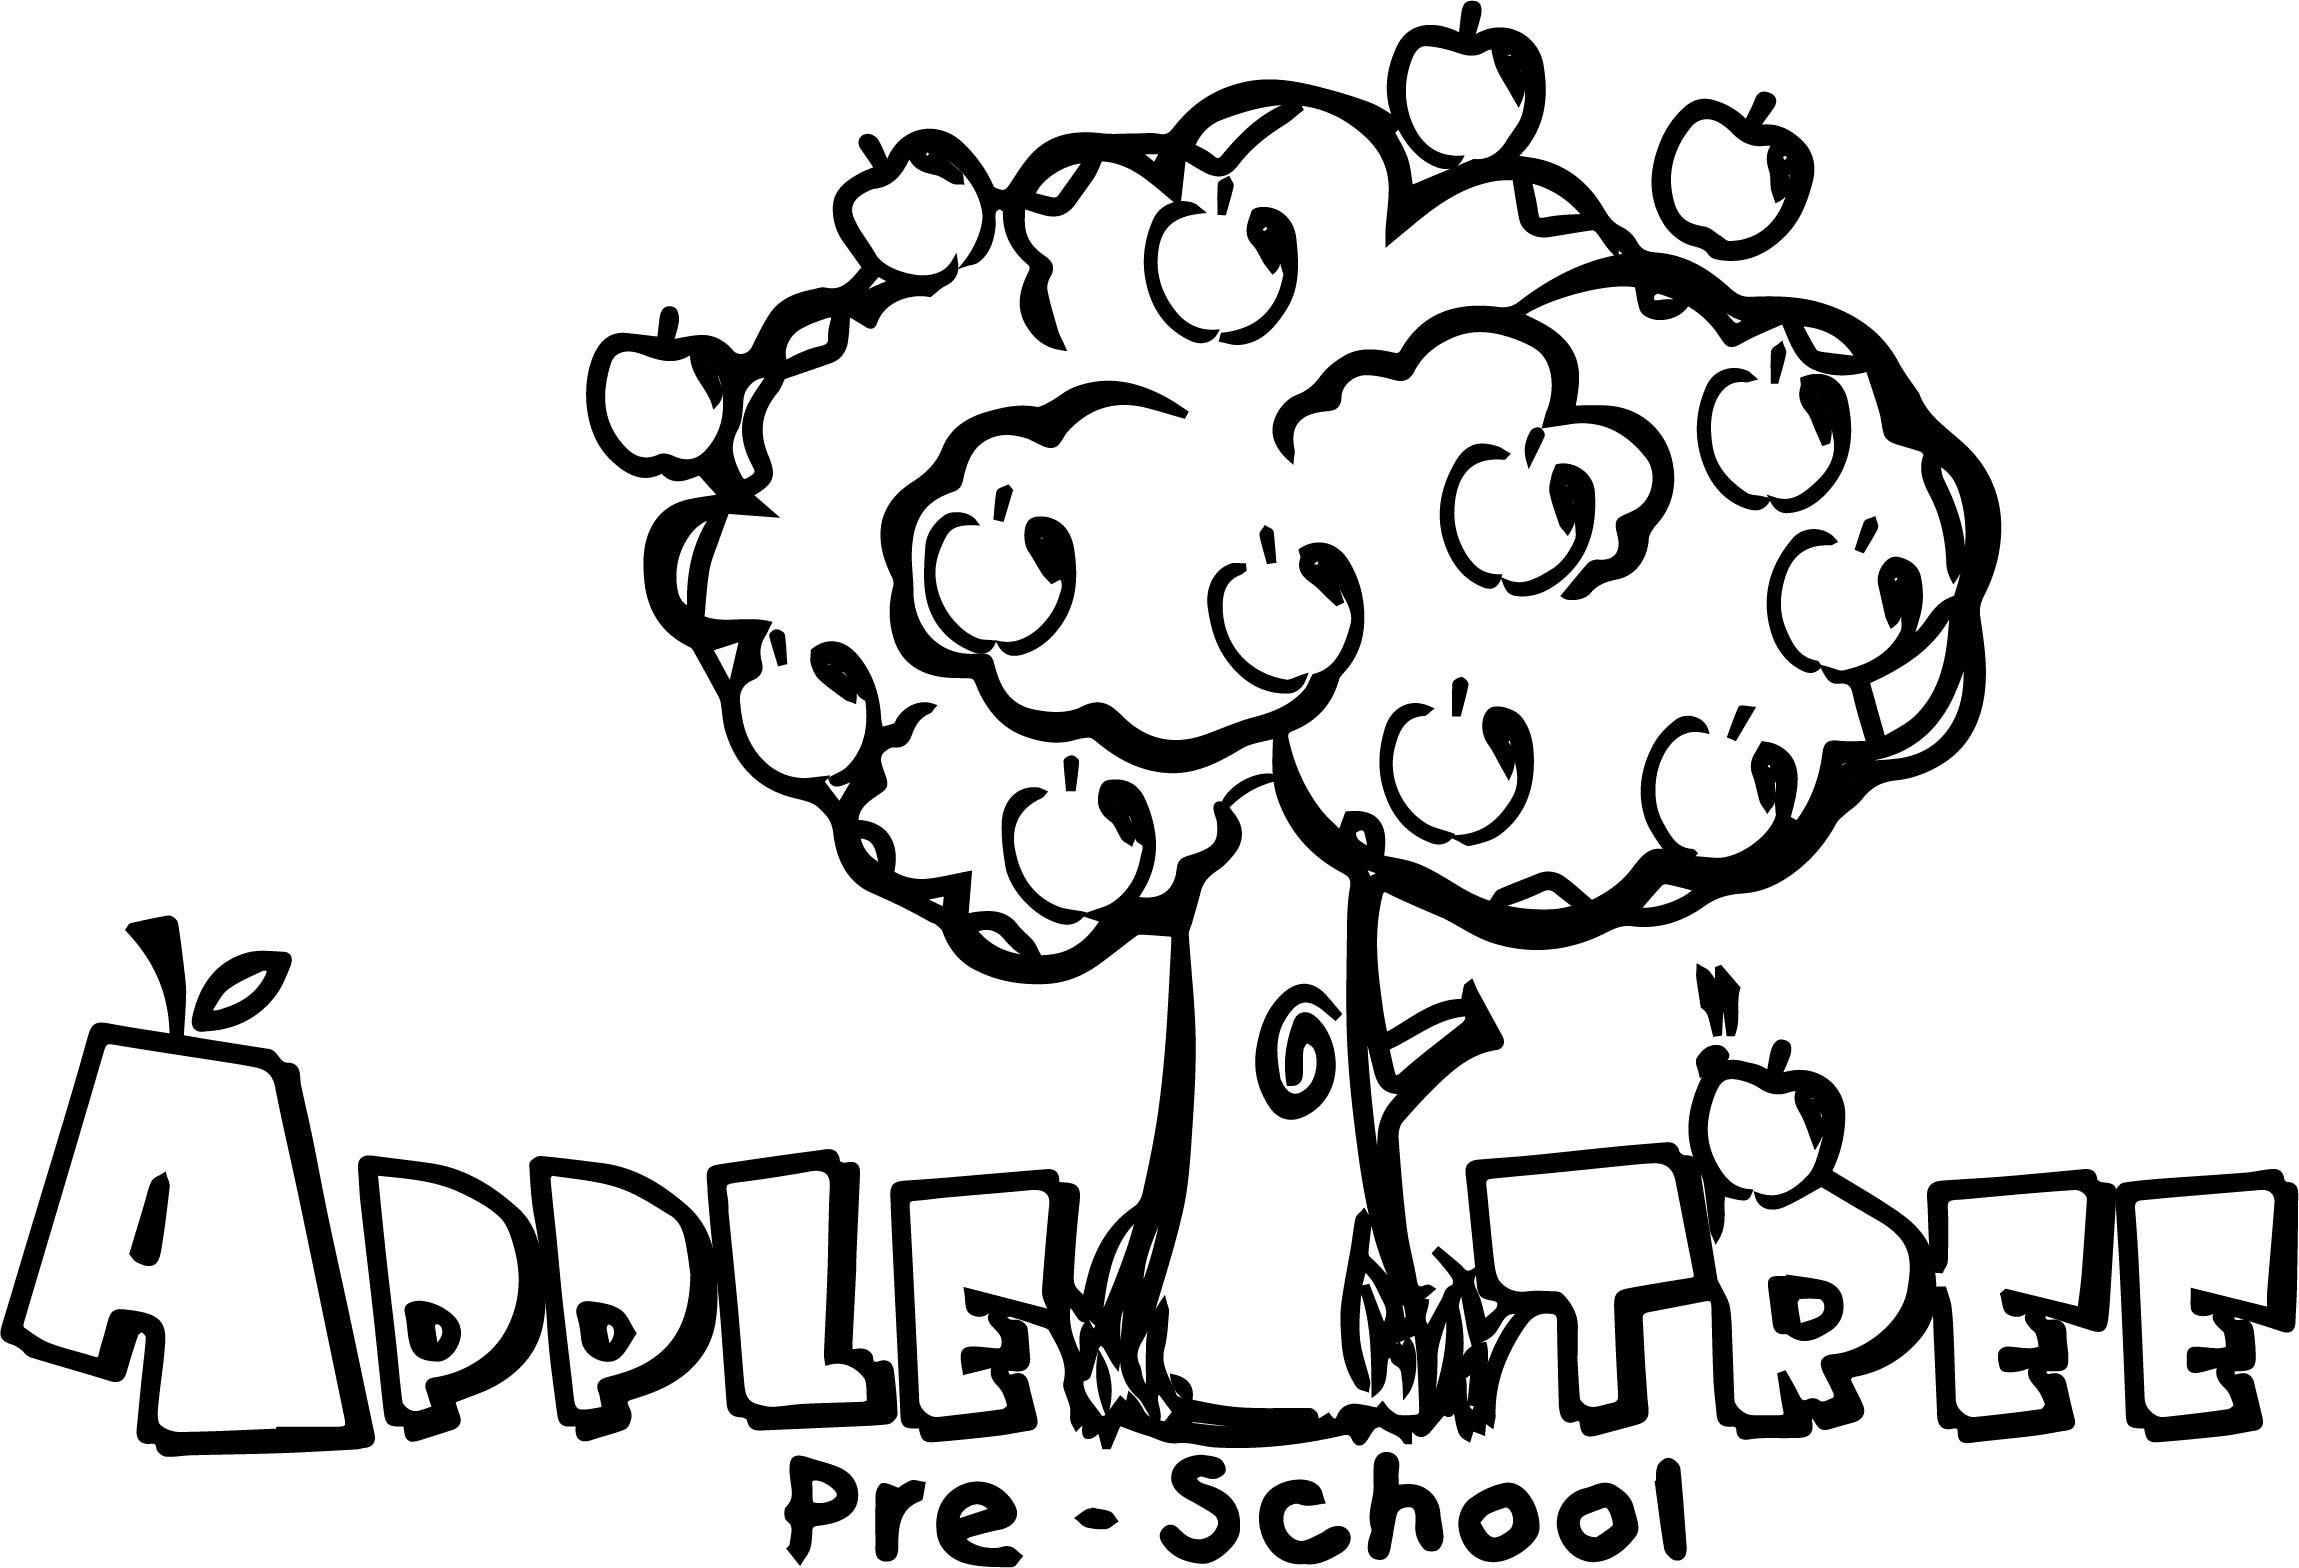 Apple Tree Pre School Coloring Page